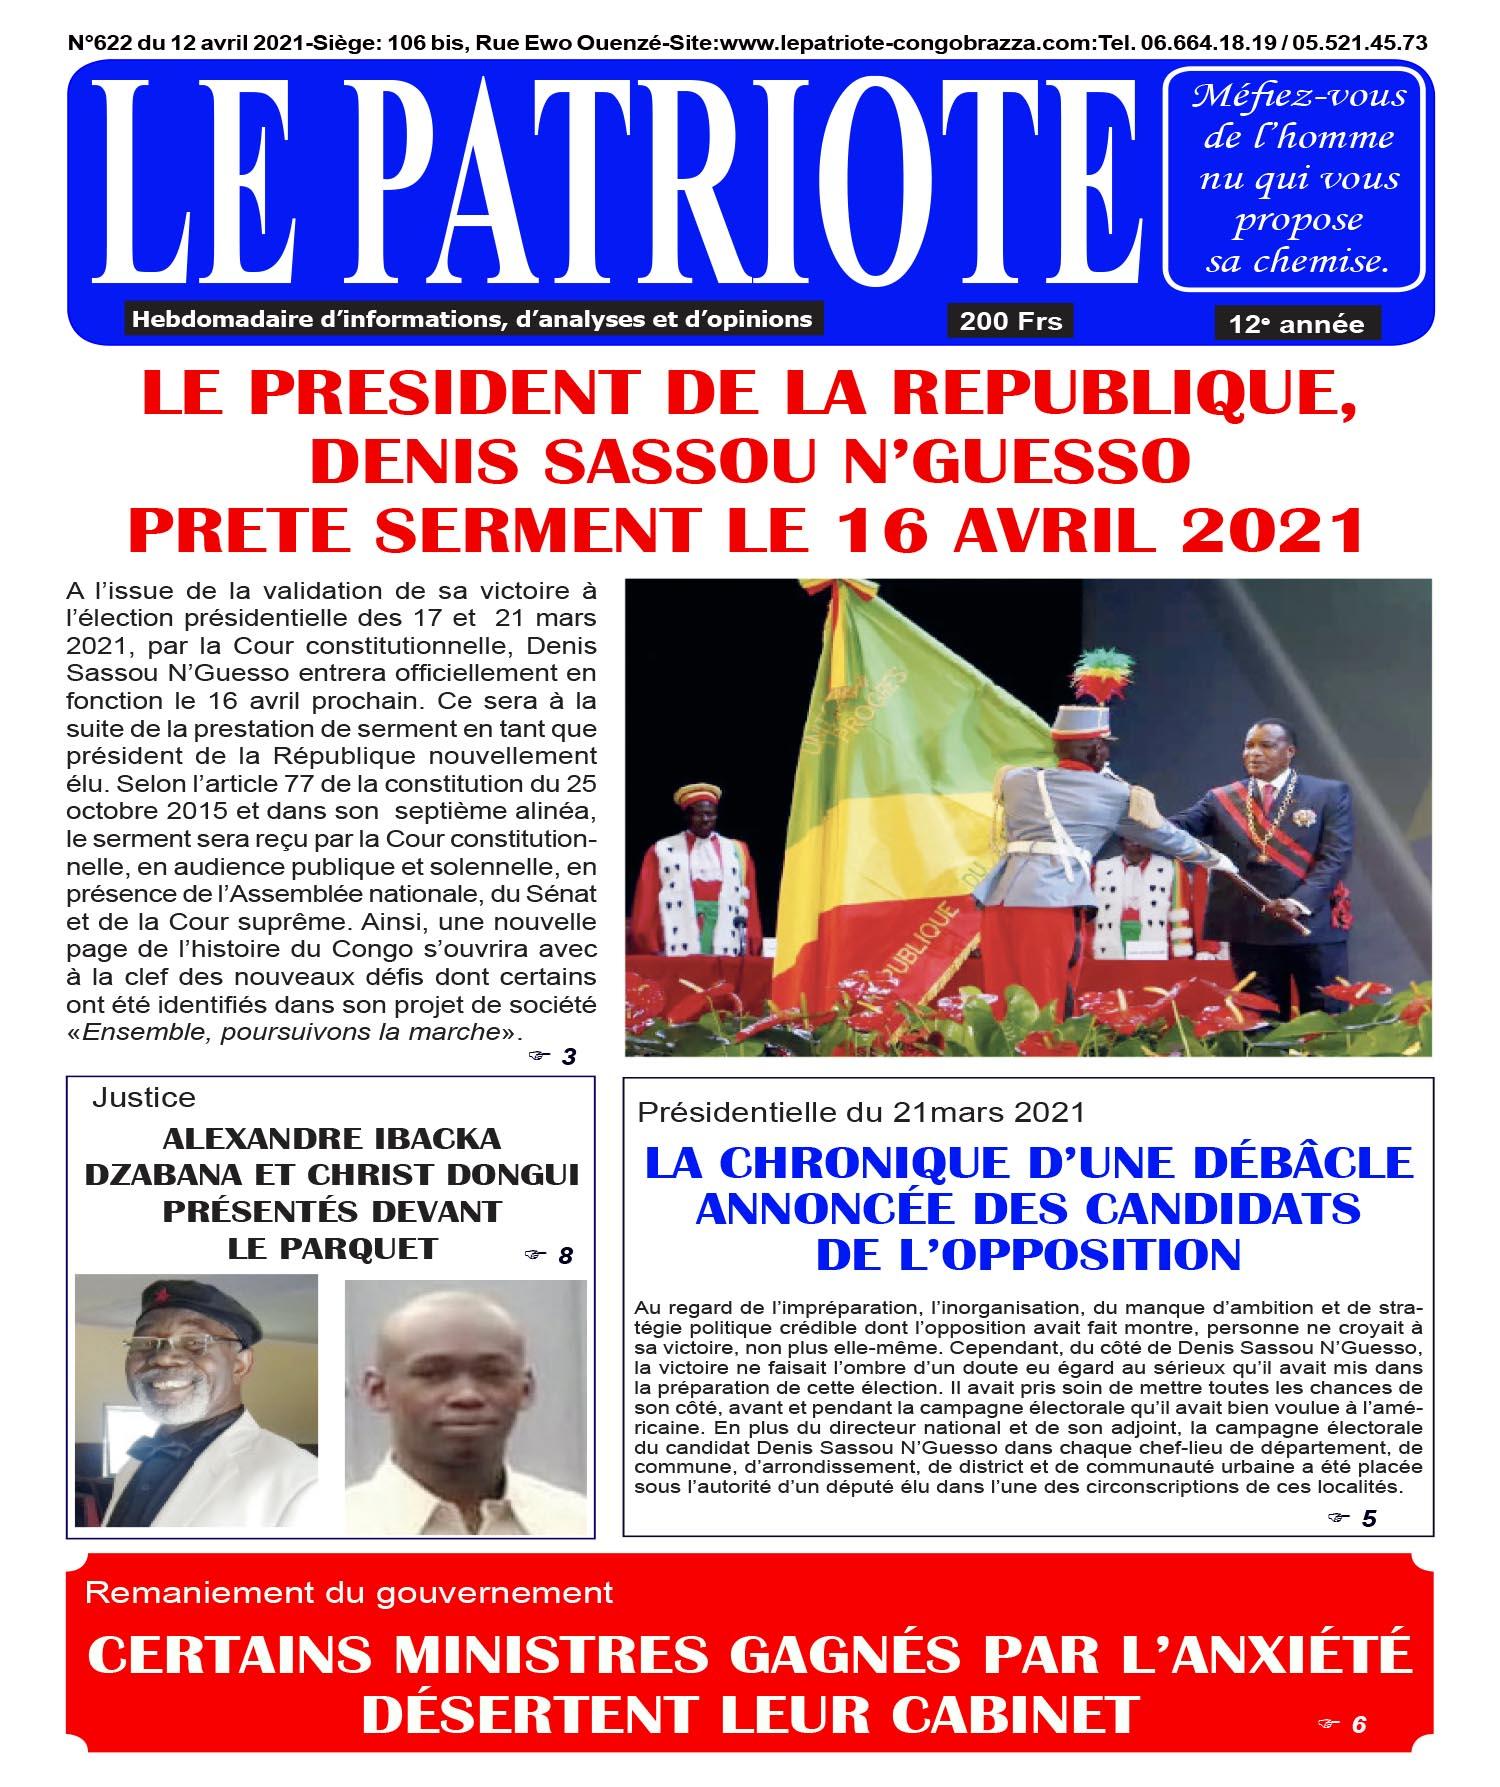 Cover Le Patriote - 622